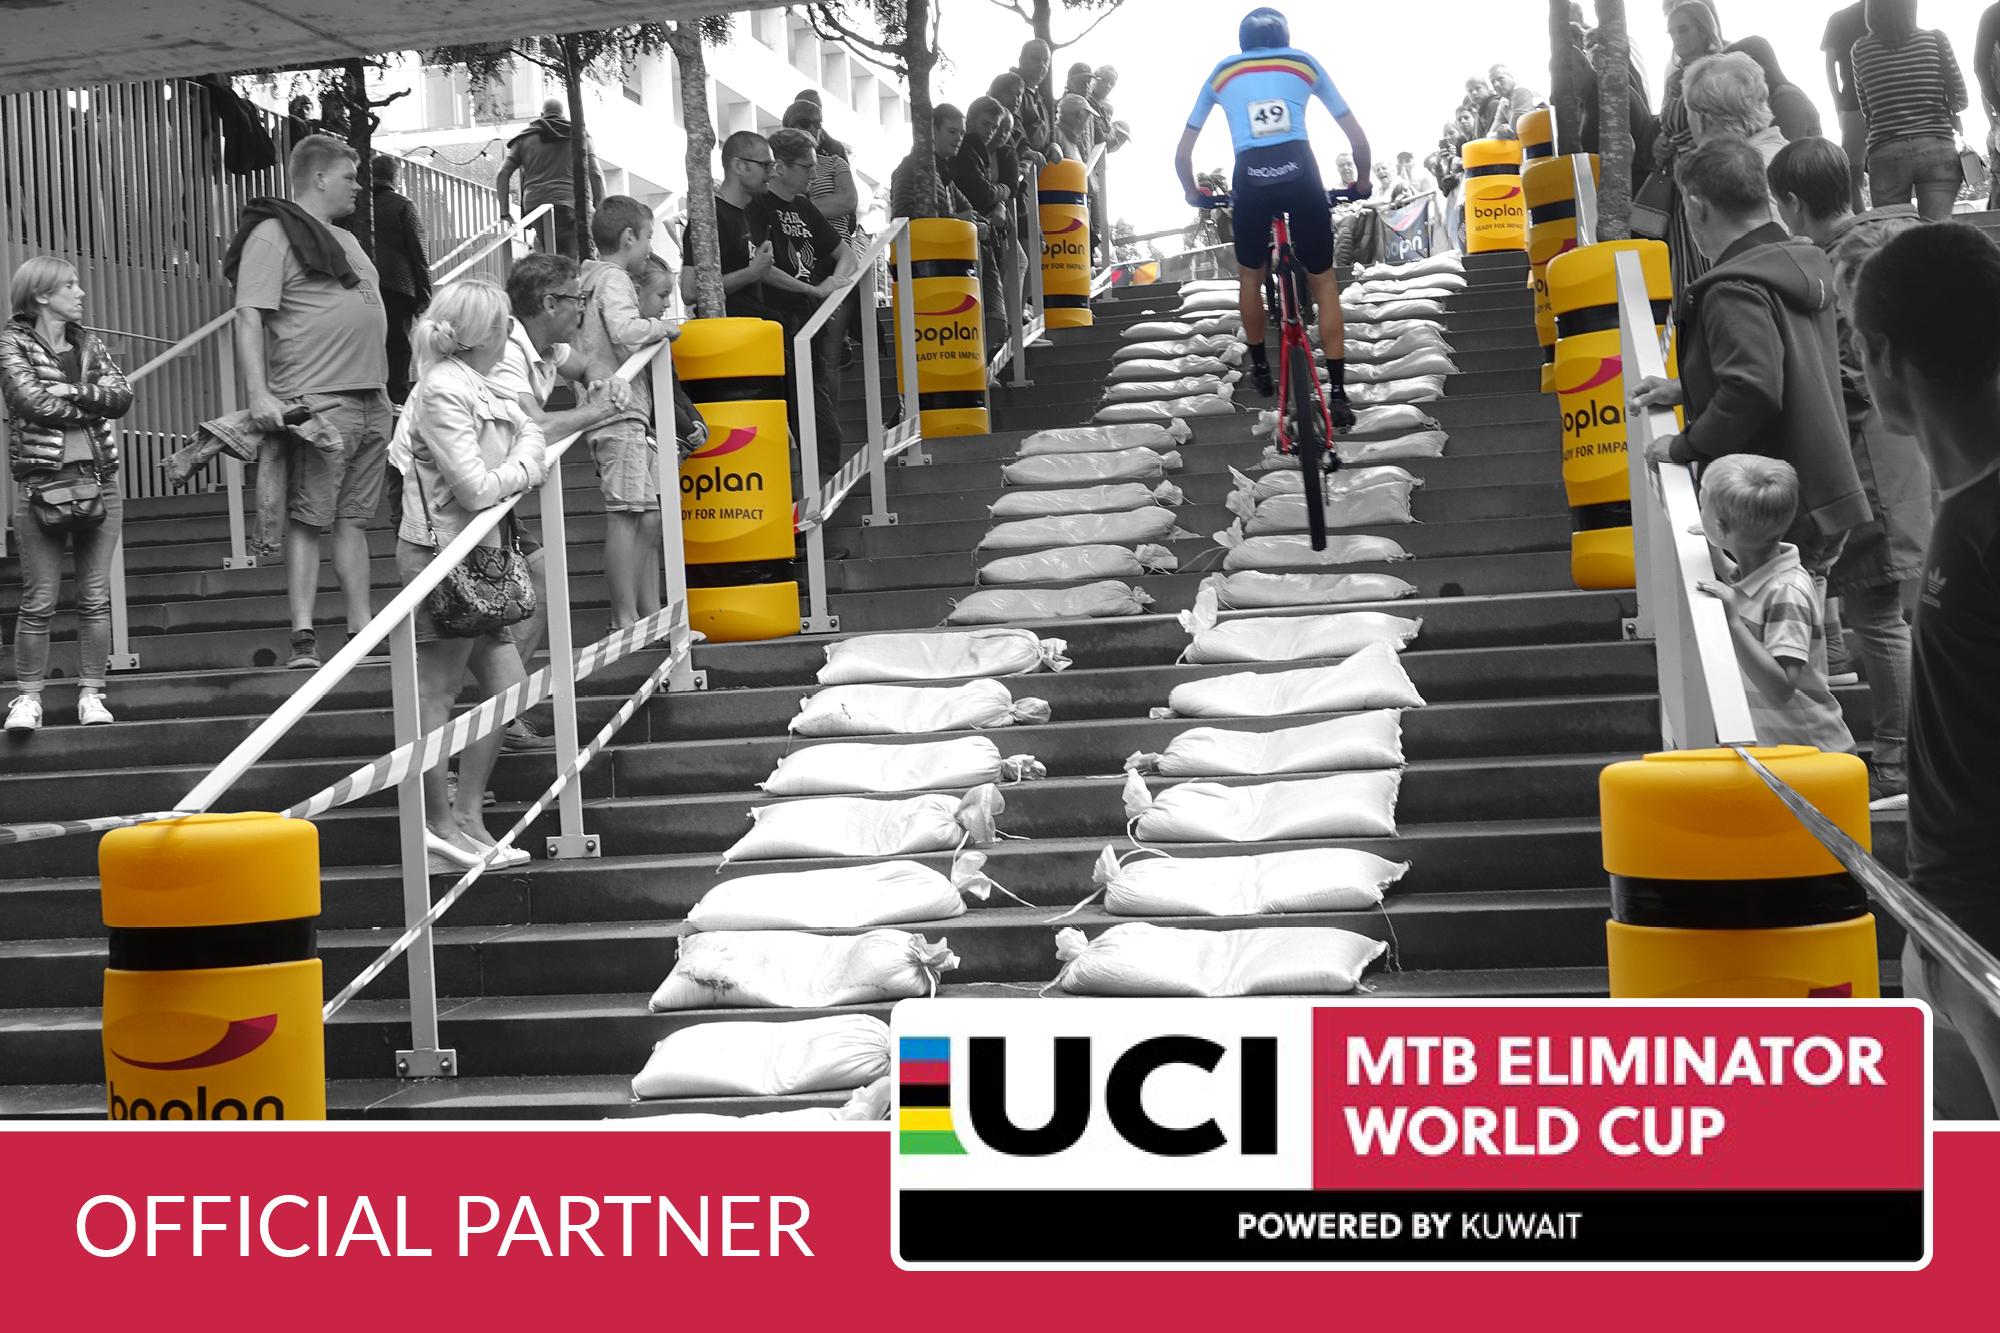 boplan-partenaire-officiel-coupe-du-monde-mountain-bike-eliminator-UCI